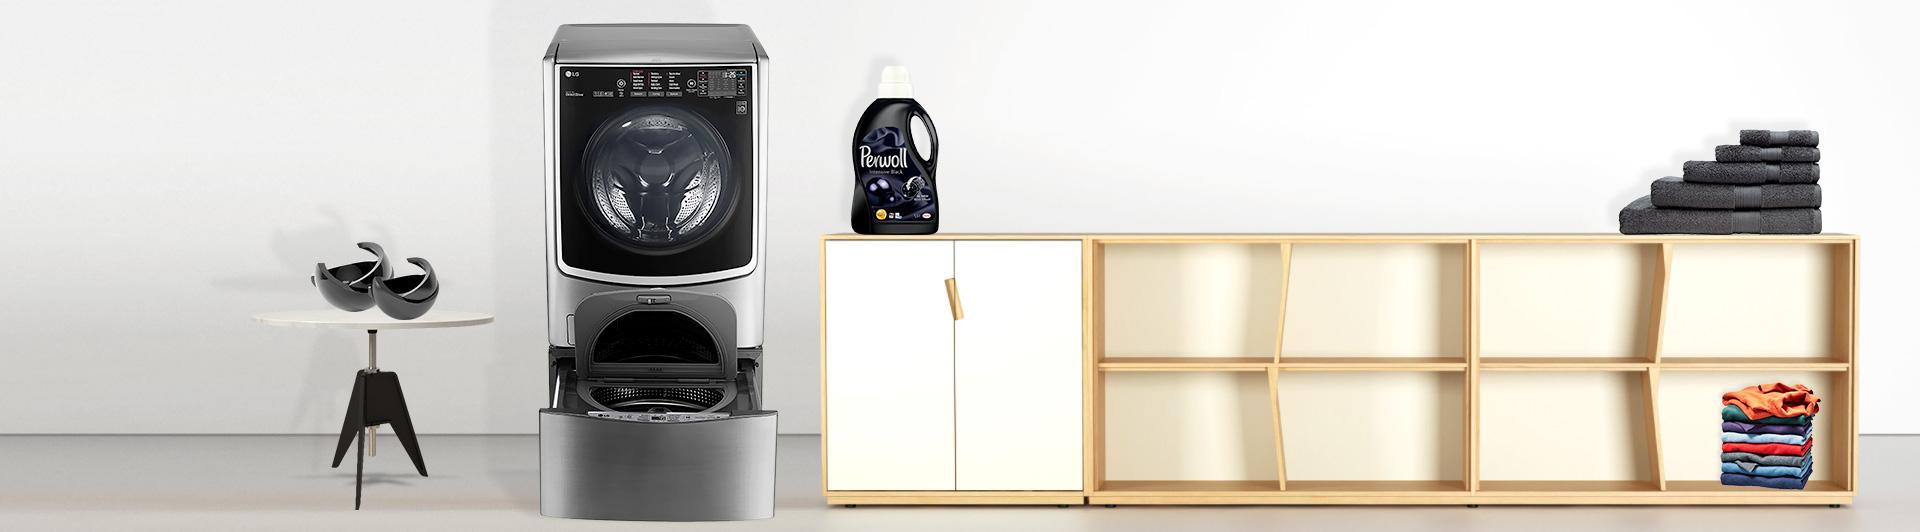 Máy giặt LG 21kg F2721HTTV (lồng trên) được tặng kèm máy giặt 3.5kg T2735NWLV (lồng dưới)